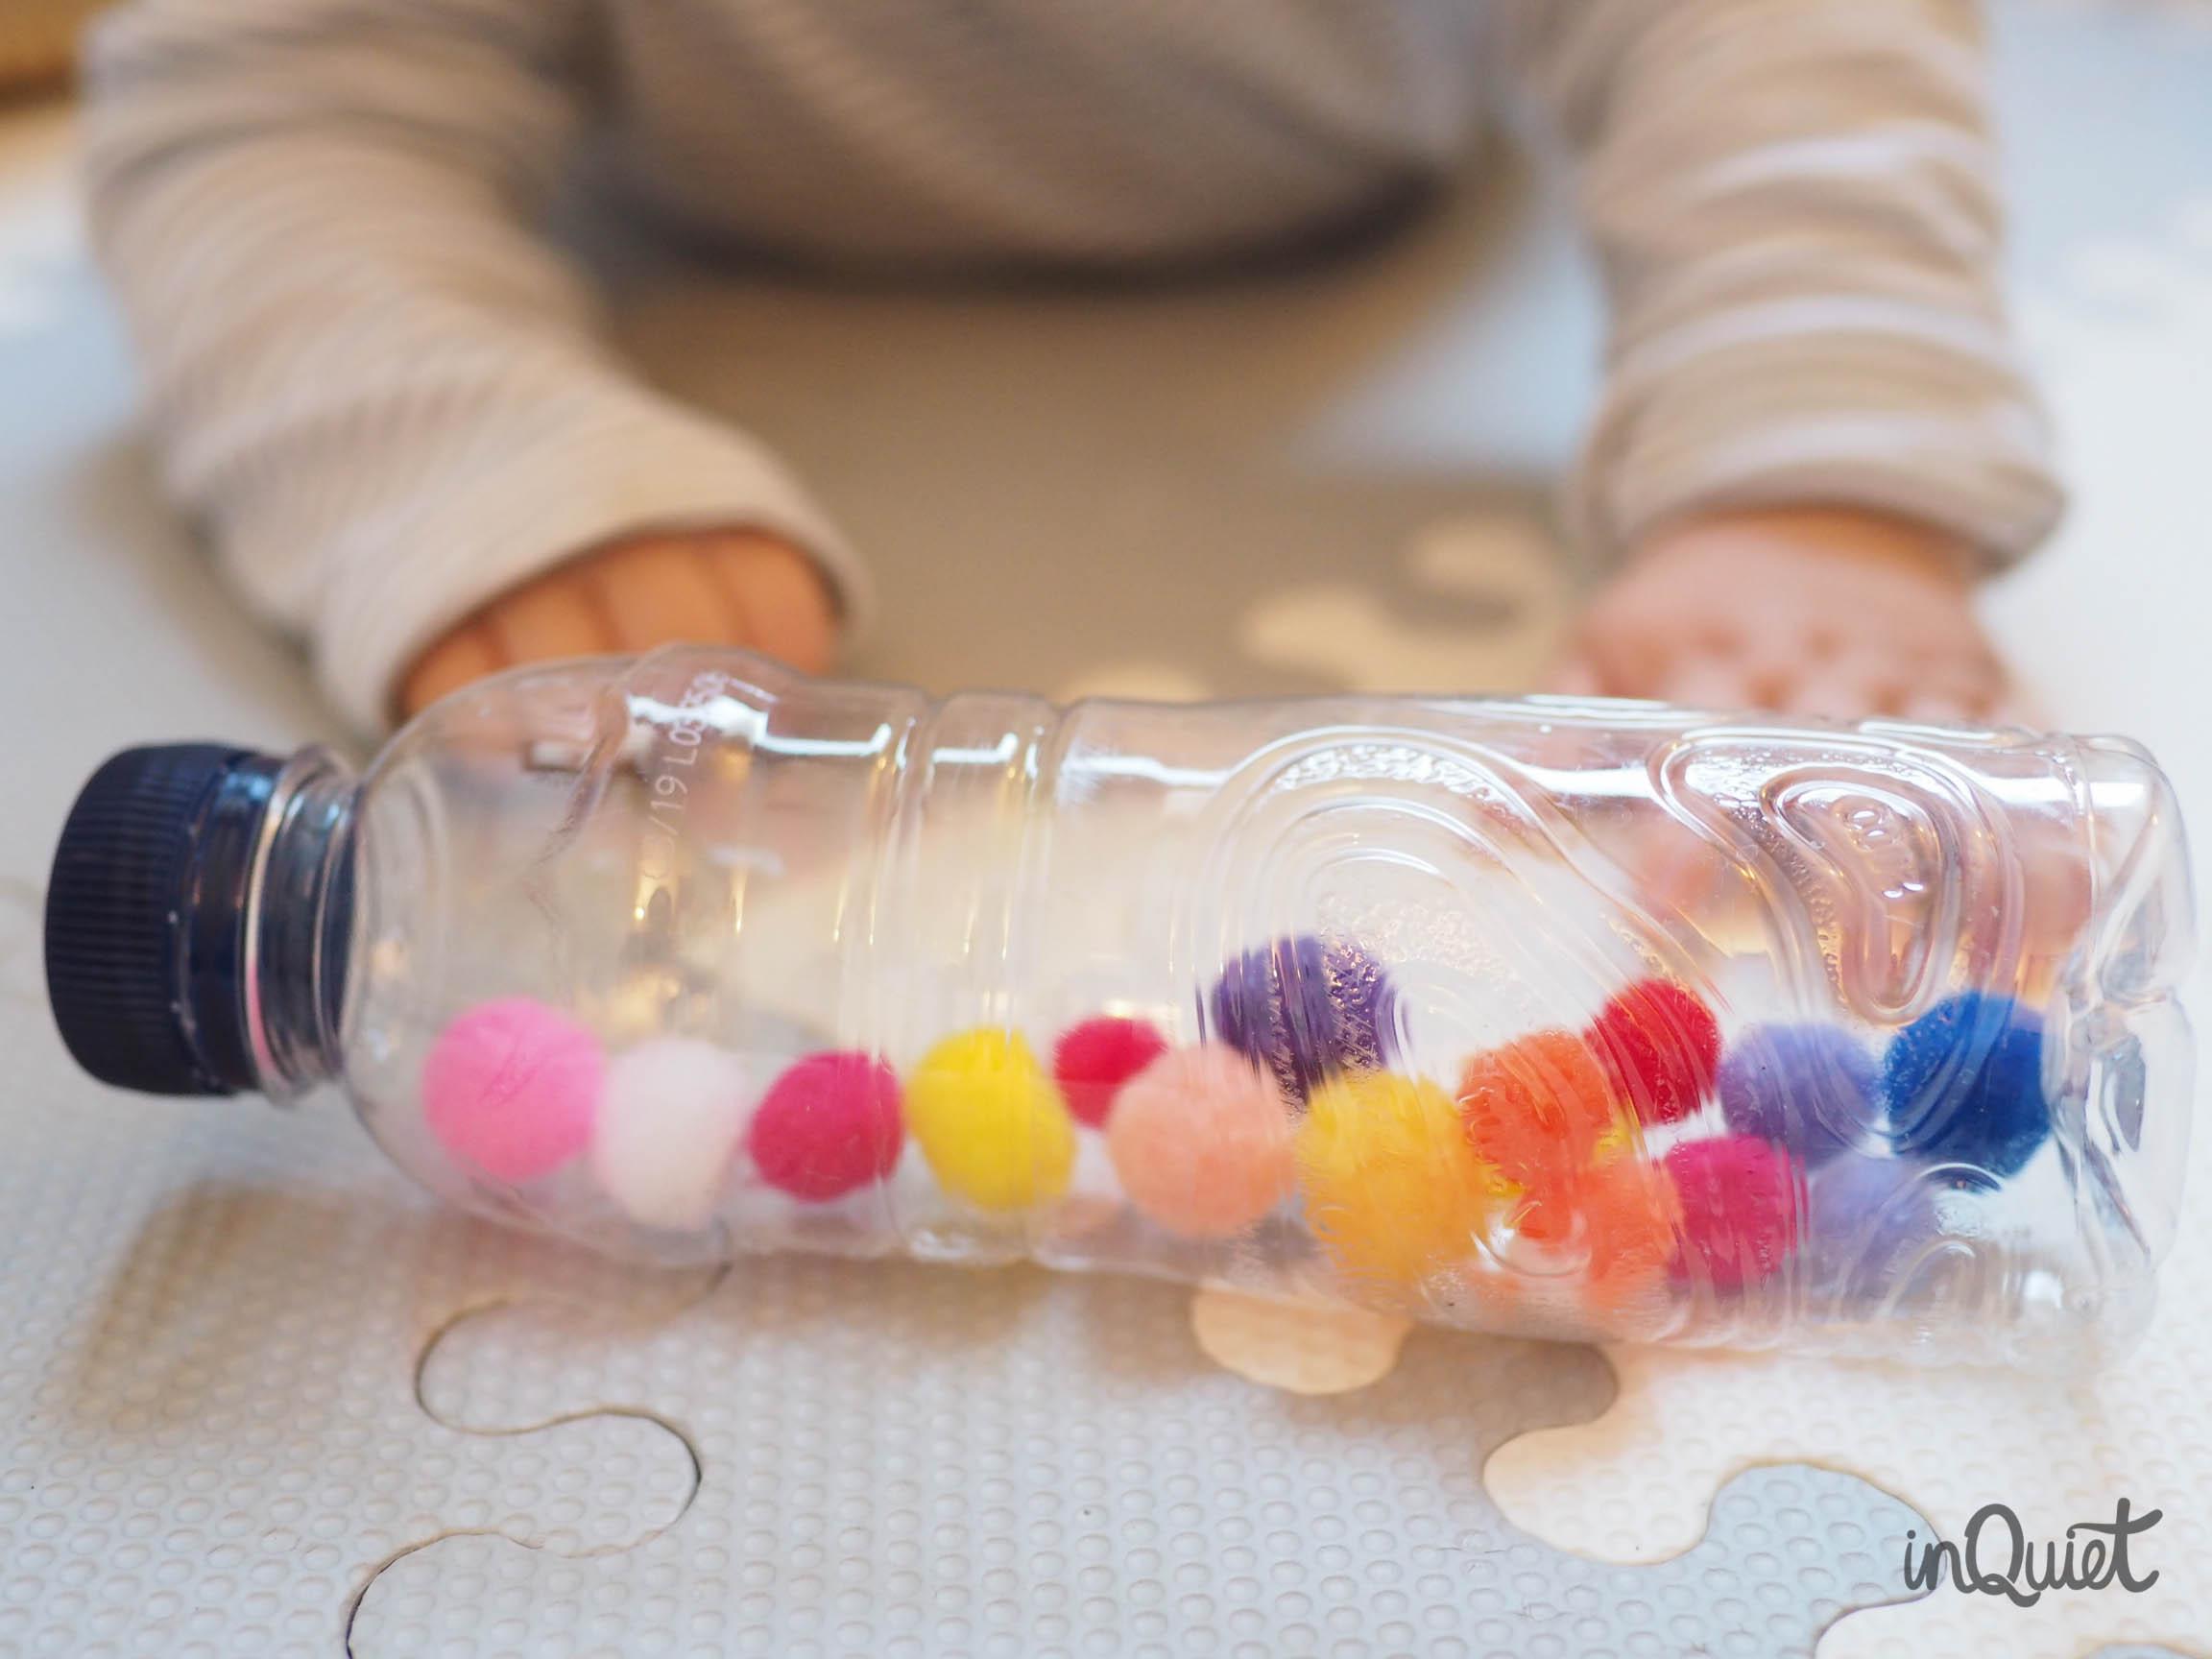 ampolles sensorials - per als petits inquiets